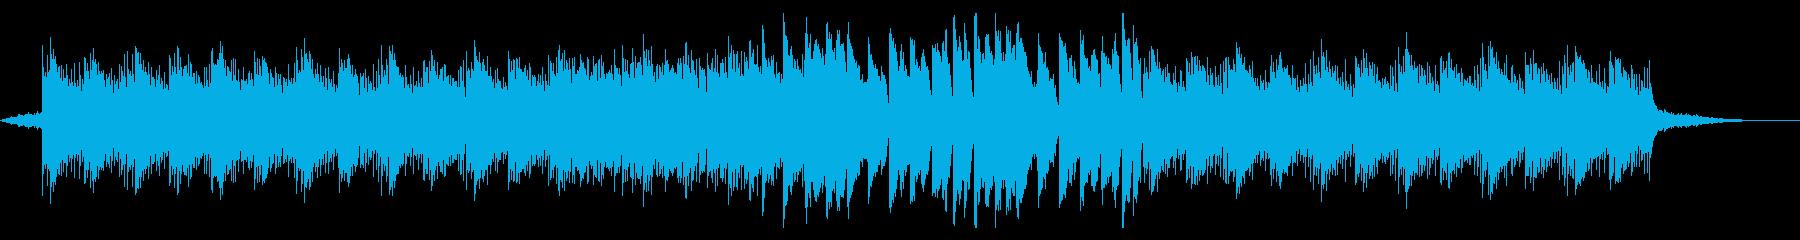 幻想的で疾走感のあるピアノ曲の再生済みの波形